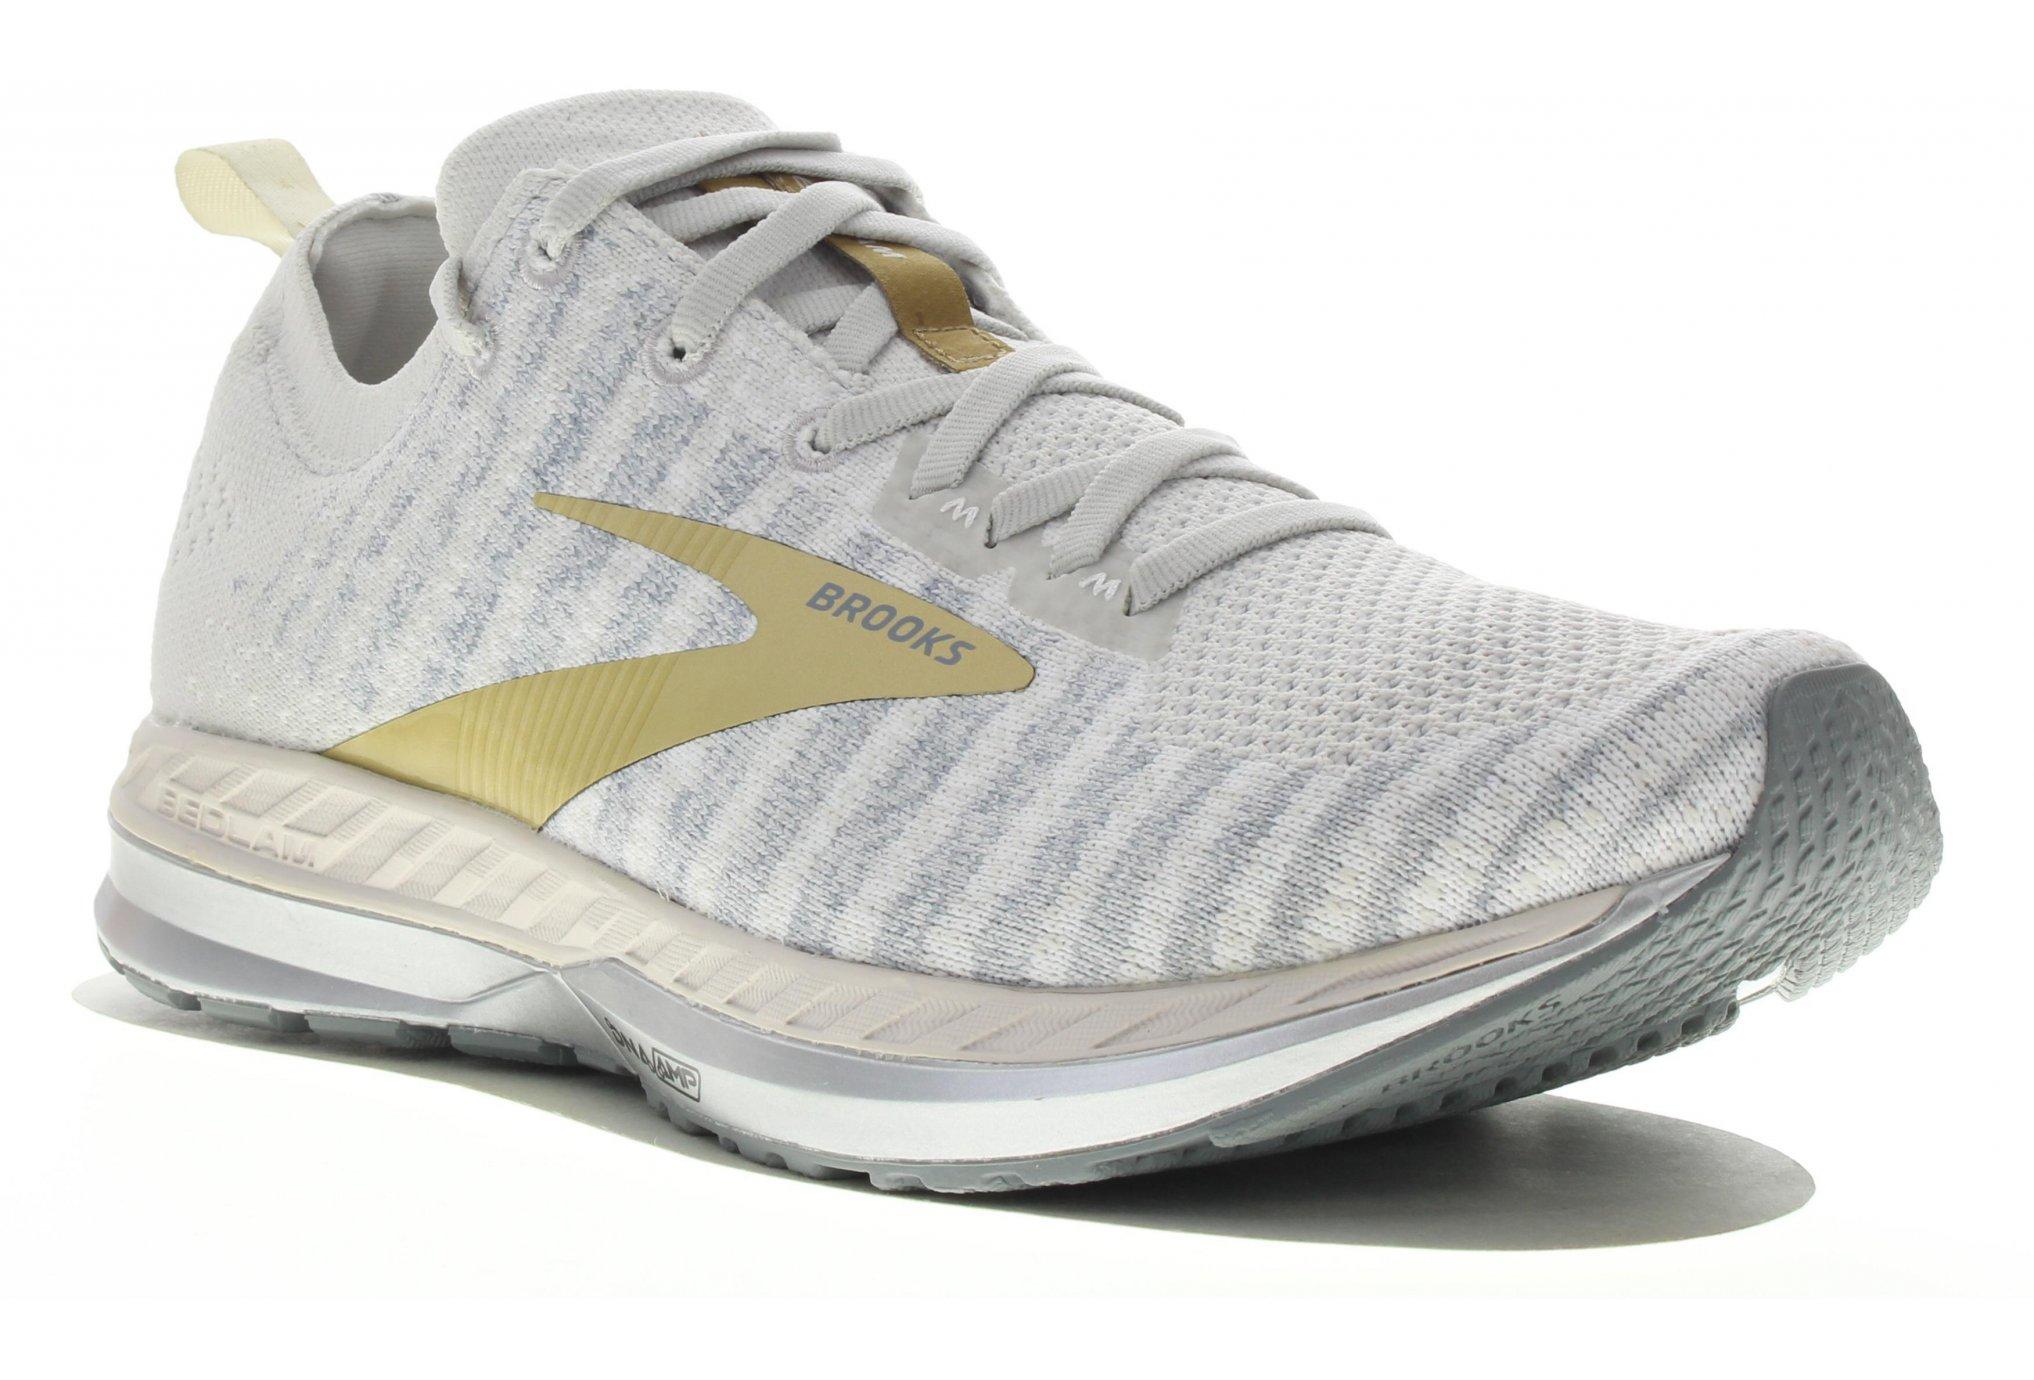 Brooks Bedlam 2 Chaussures running femme